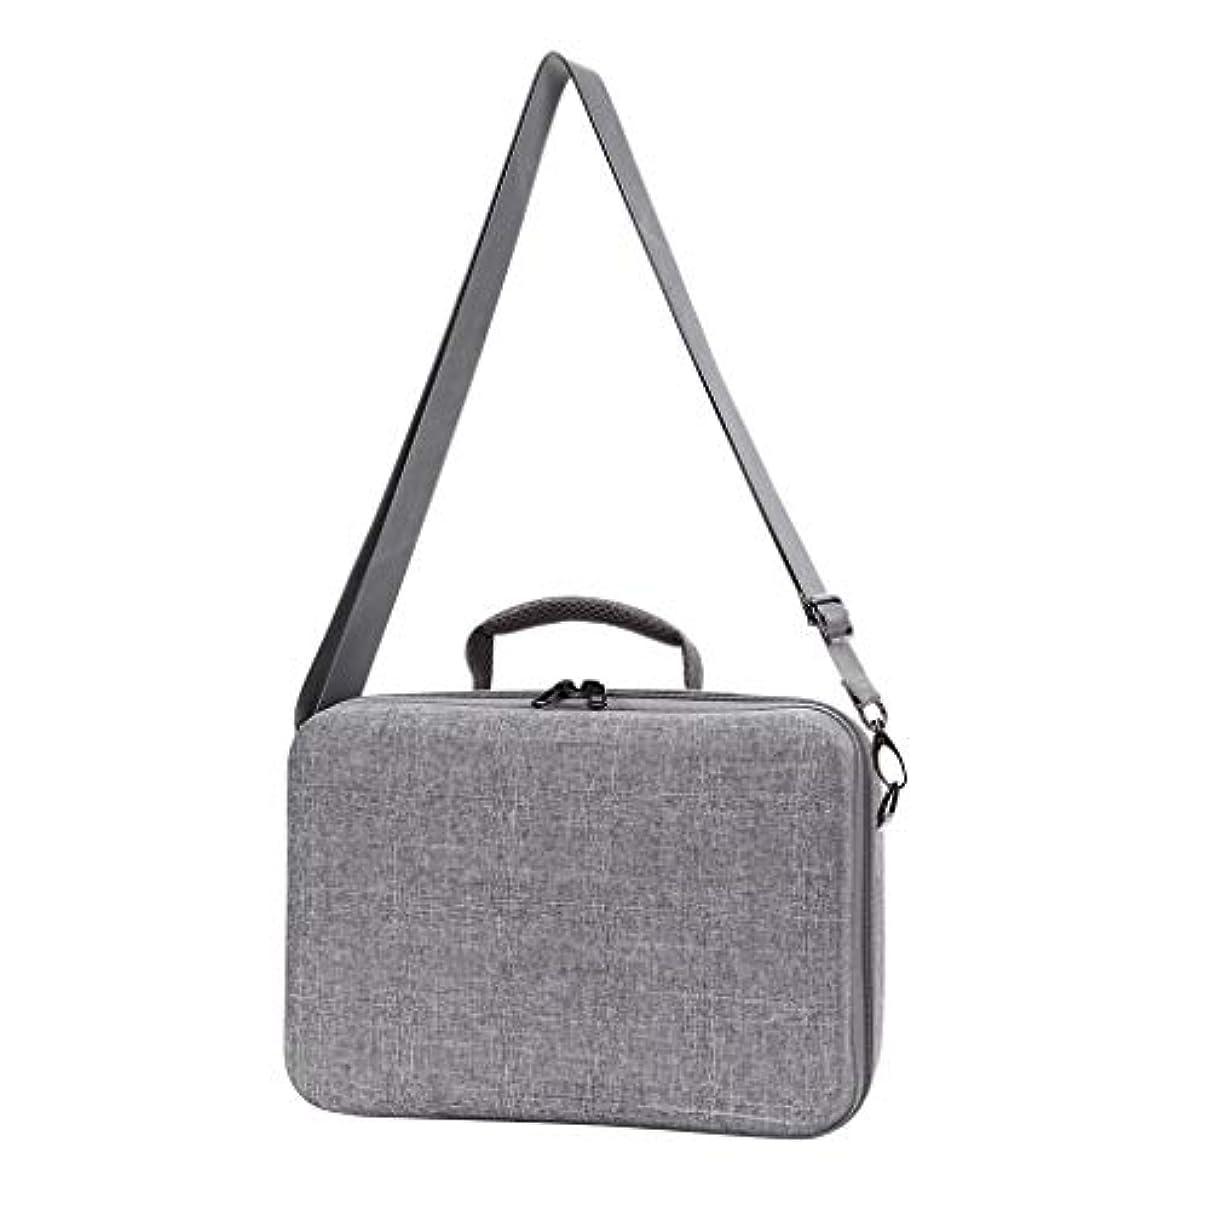 リネン百エジプトHellery 収納バッグ スーツケース 防水 道具 ケース 汎用性